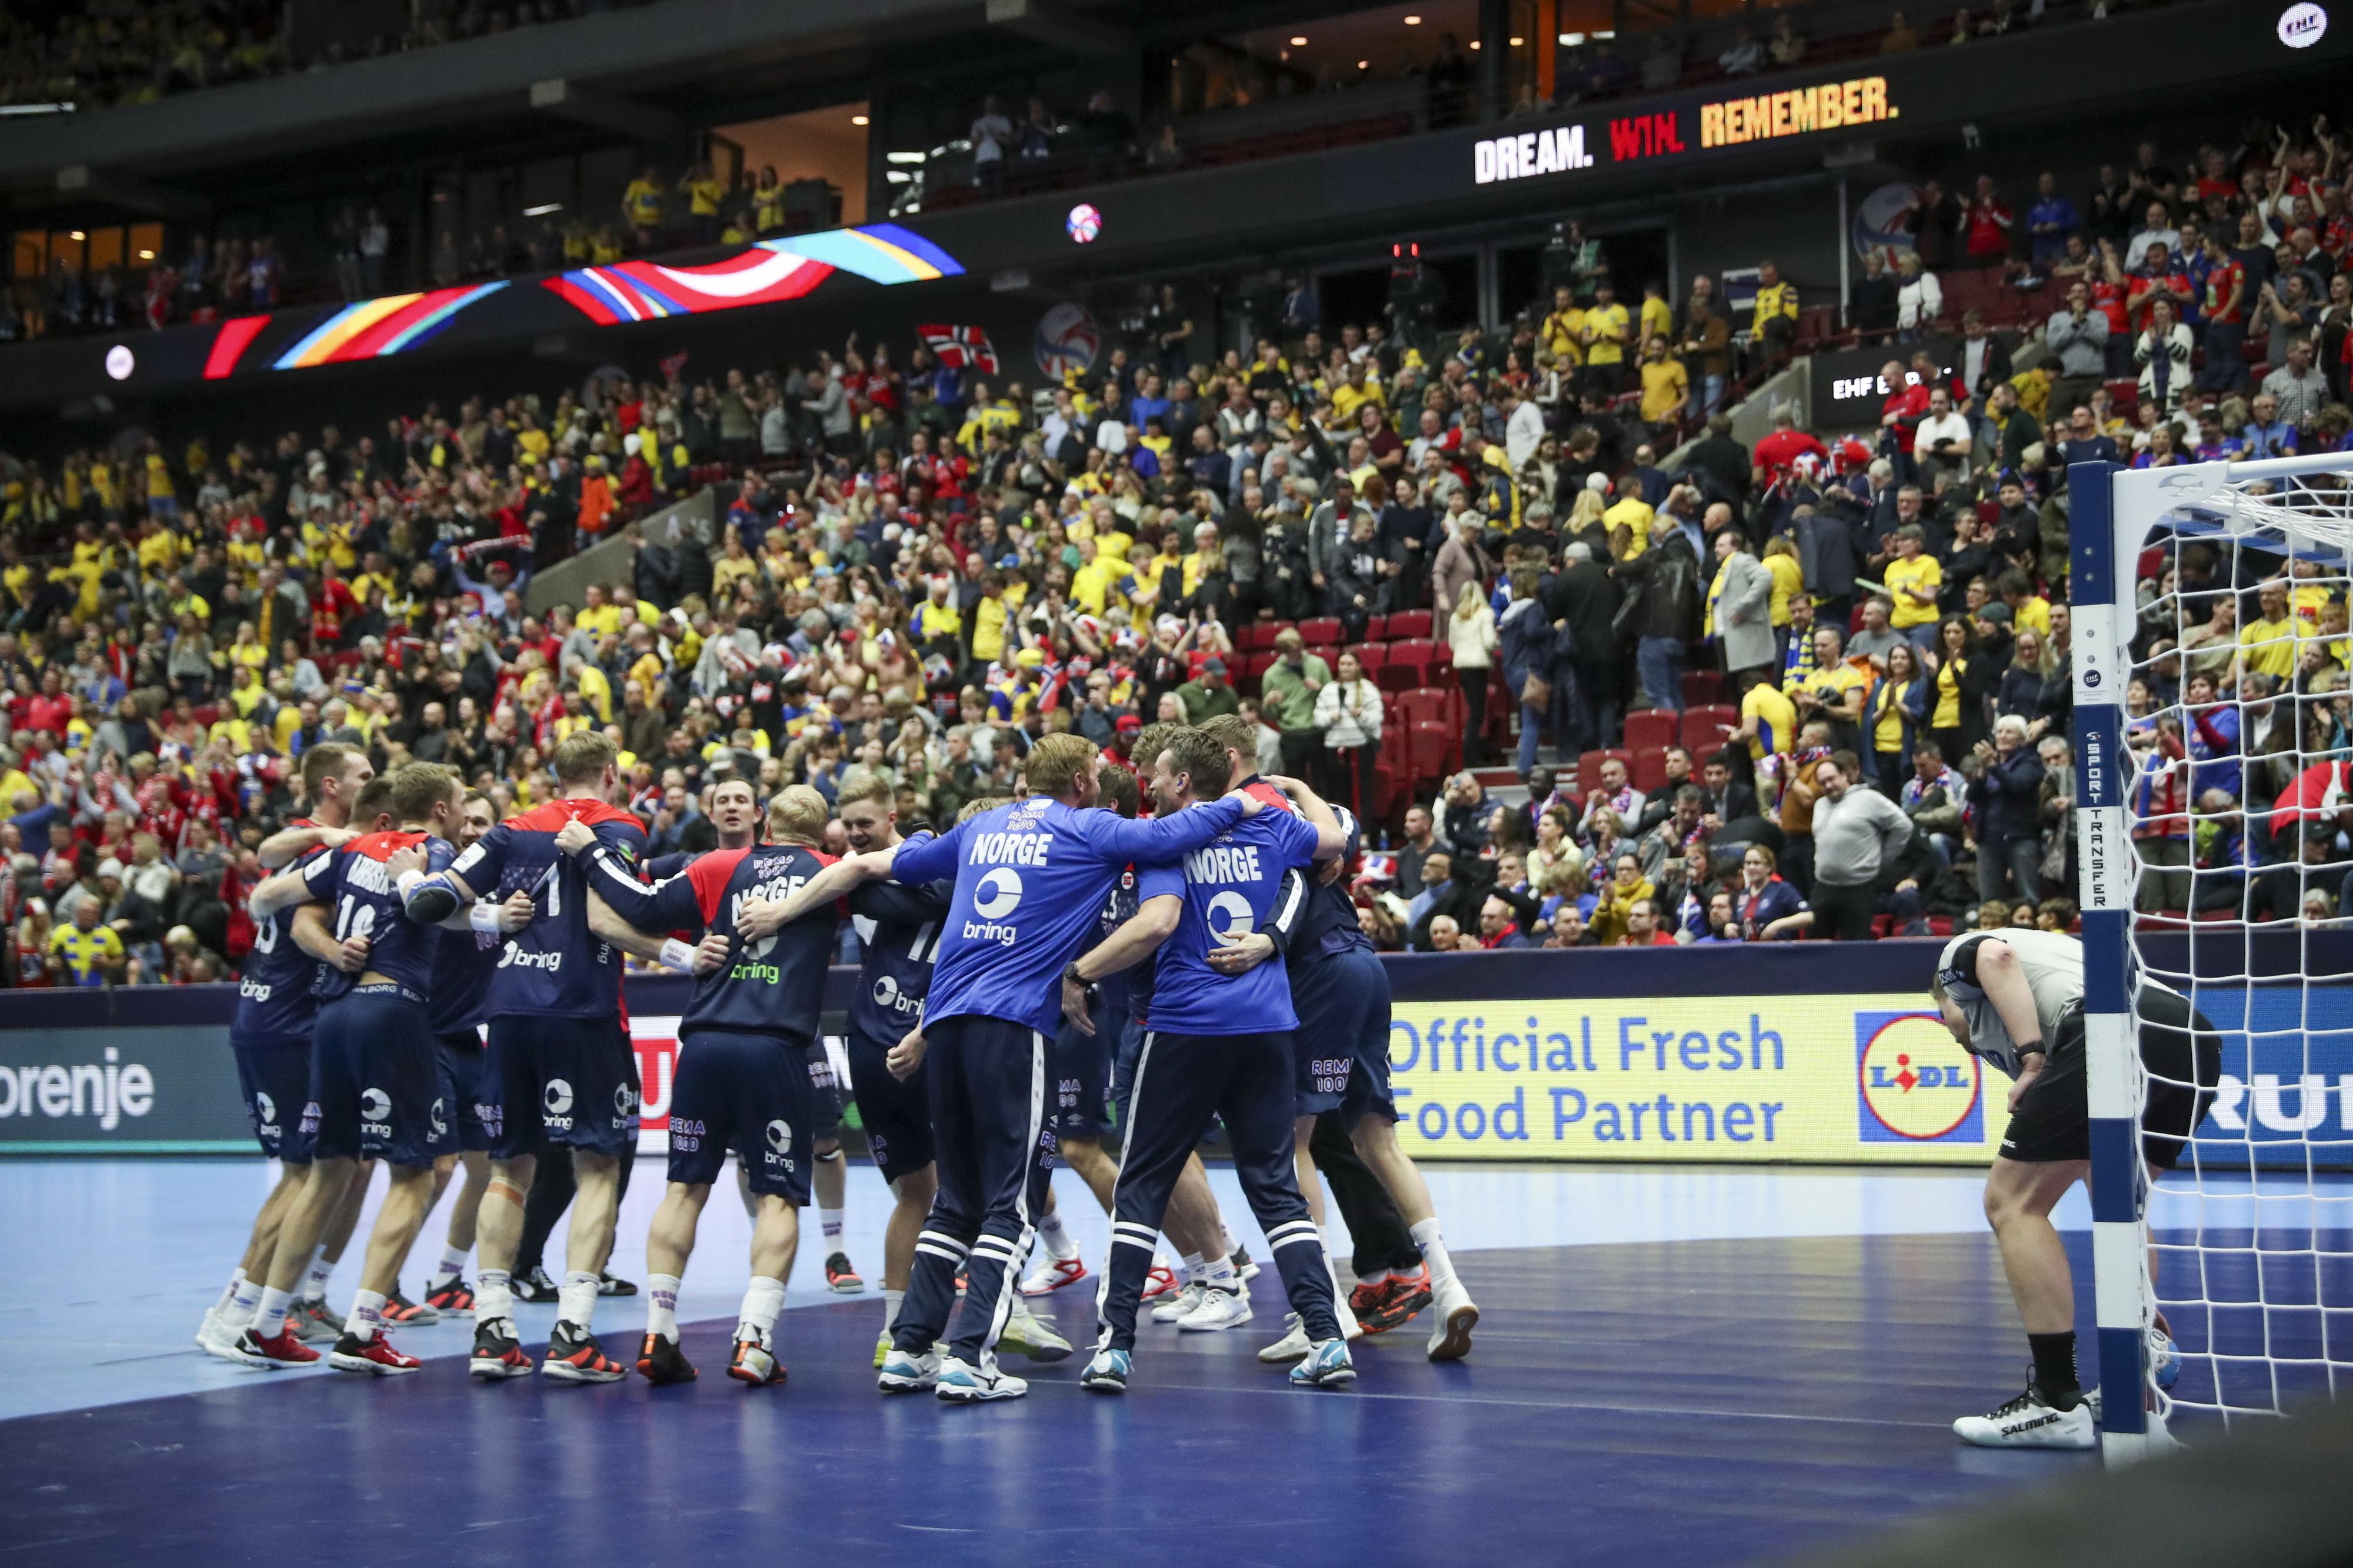 Andebol/Europeu: Noruega isola-se no grupo II da ronda principal e tem uma 'mão' nas meias-finais